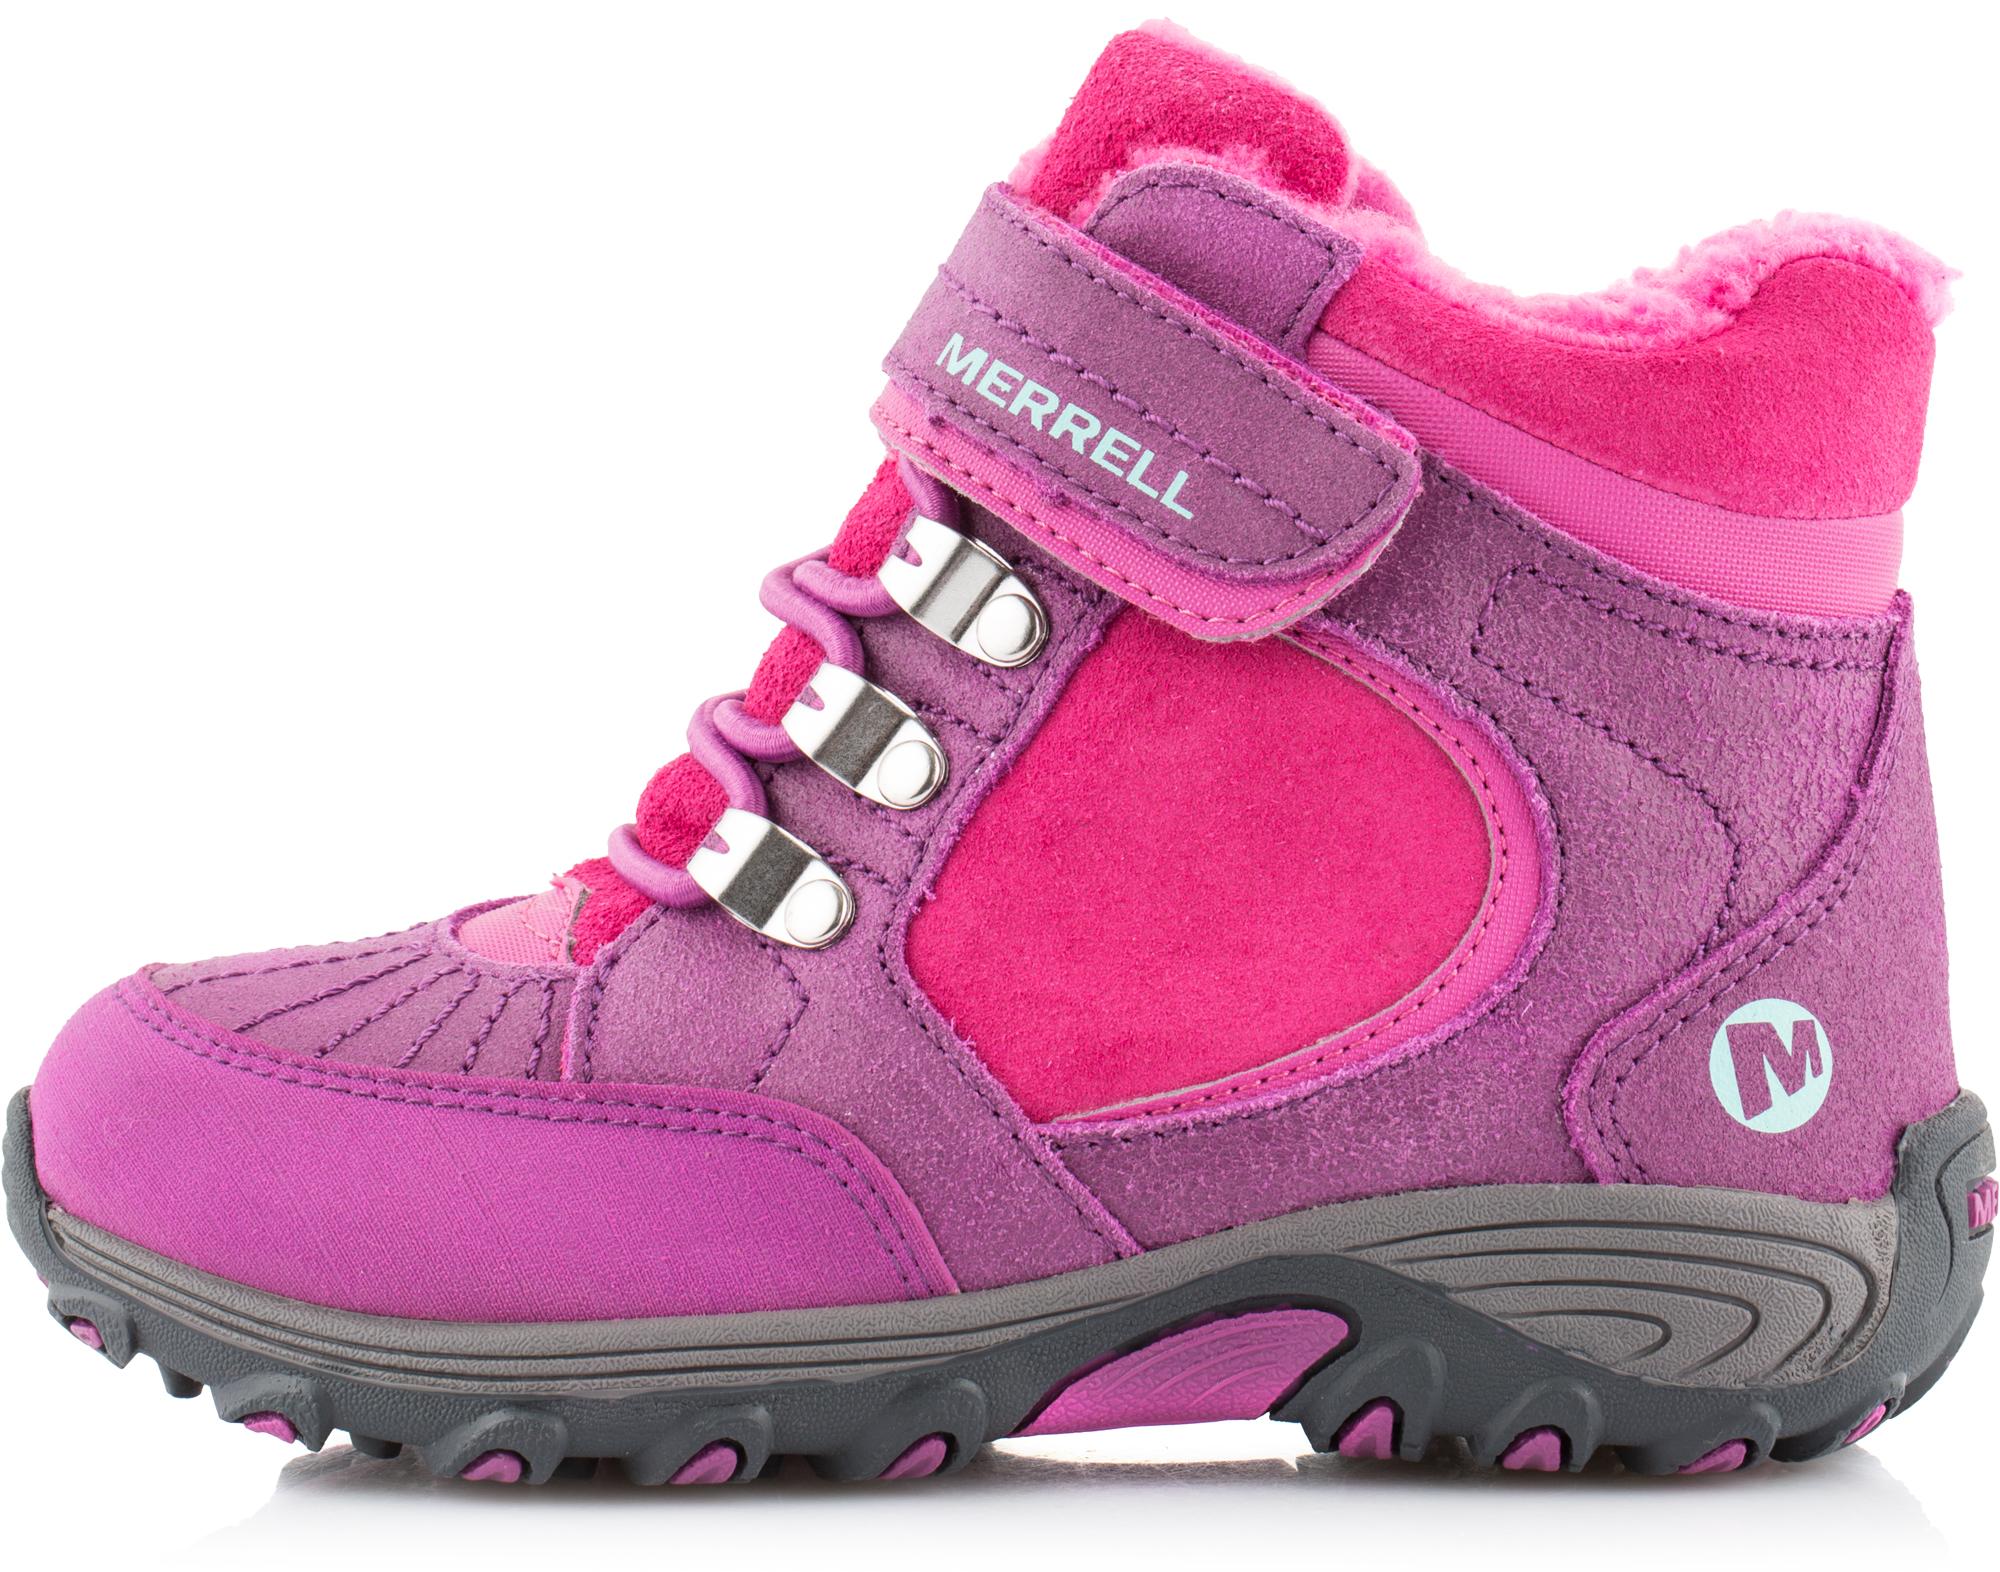 Merrell Ботинки утепленные для девочек Merrell Quick Close Natural